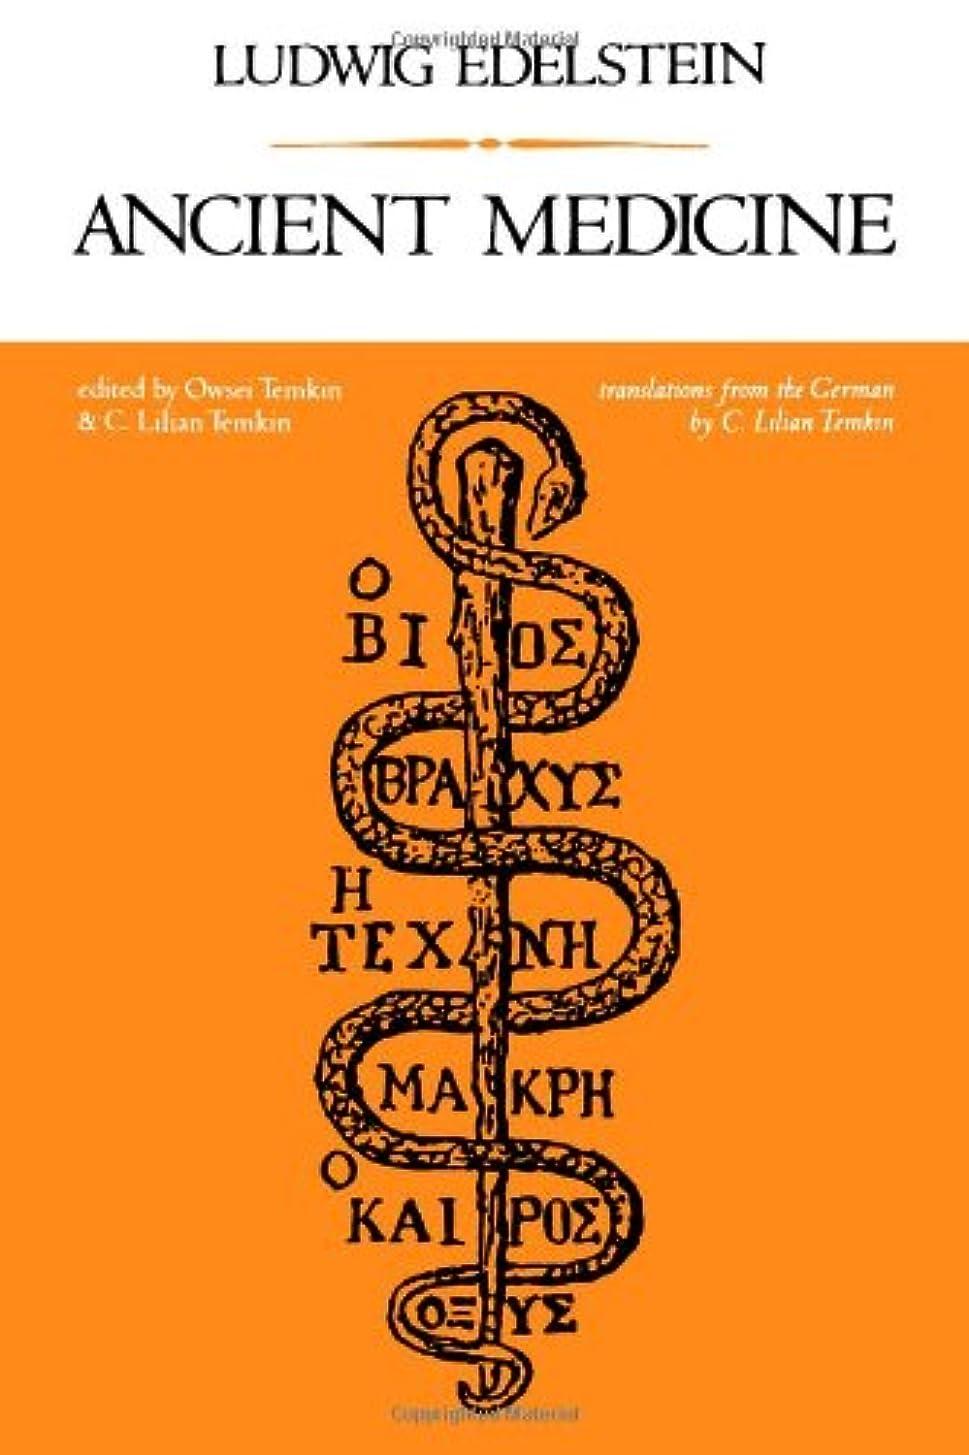 霧深い植物学者恐れAncient Medicine: Selected Papers of Ludwig Edelstein (Softshell Books)